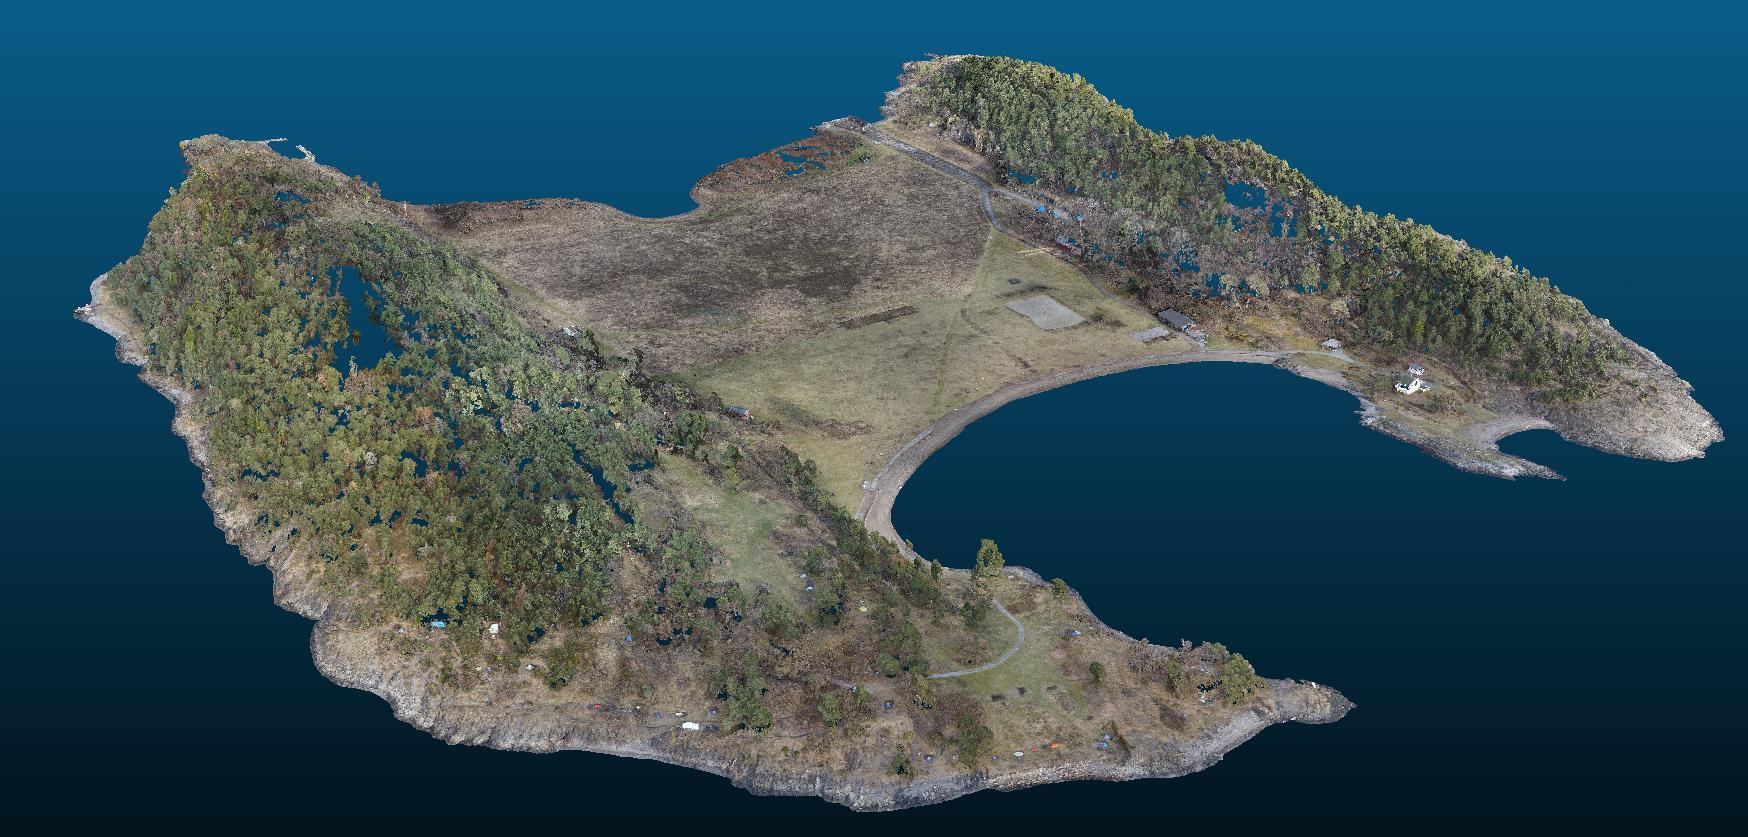 langøyene project 3d terrain model from drone